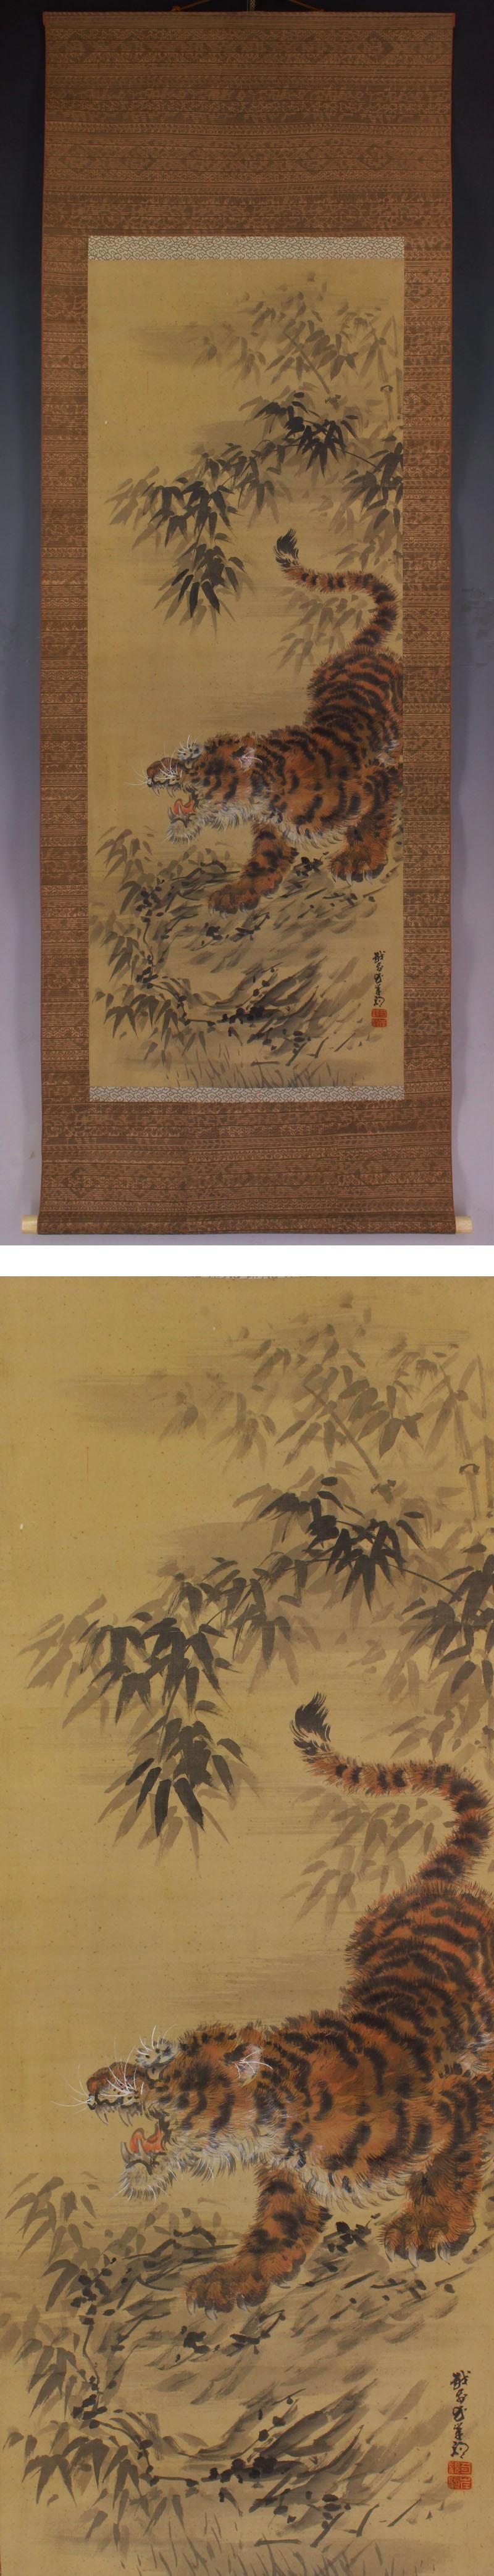 №1704199【肉笔】佐伯岸驹【猛虎図】◆绢本◆桐箱付◆挂轴